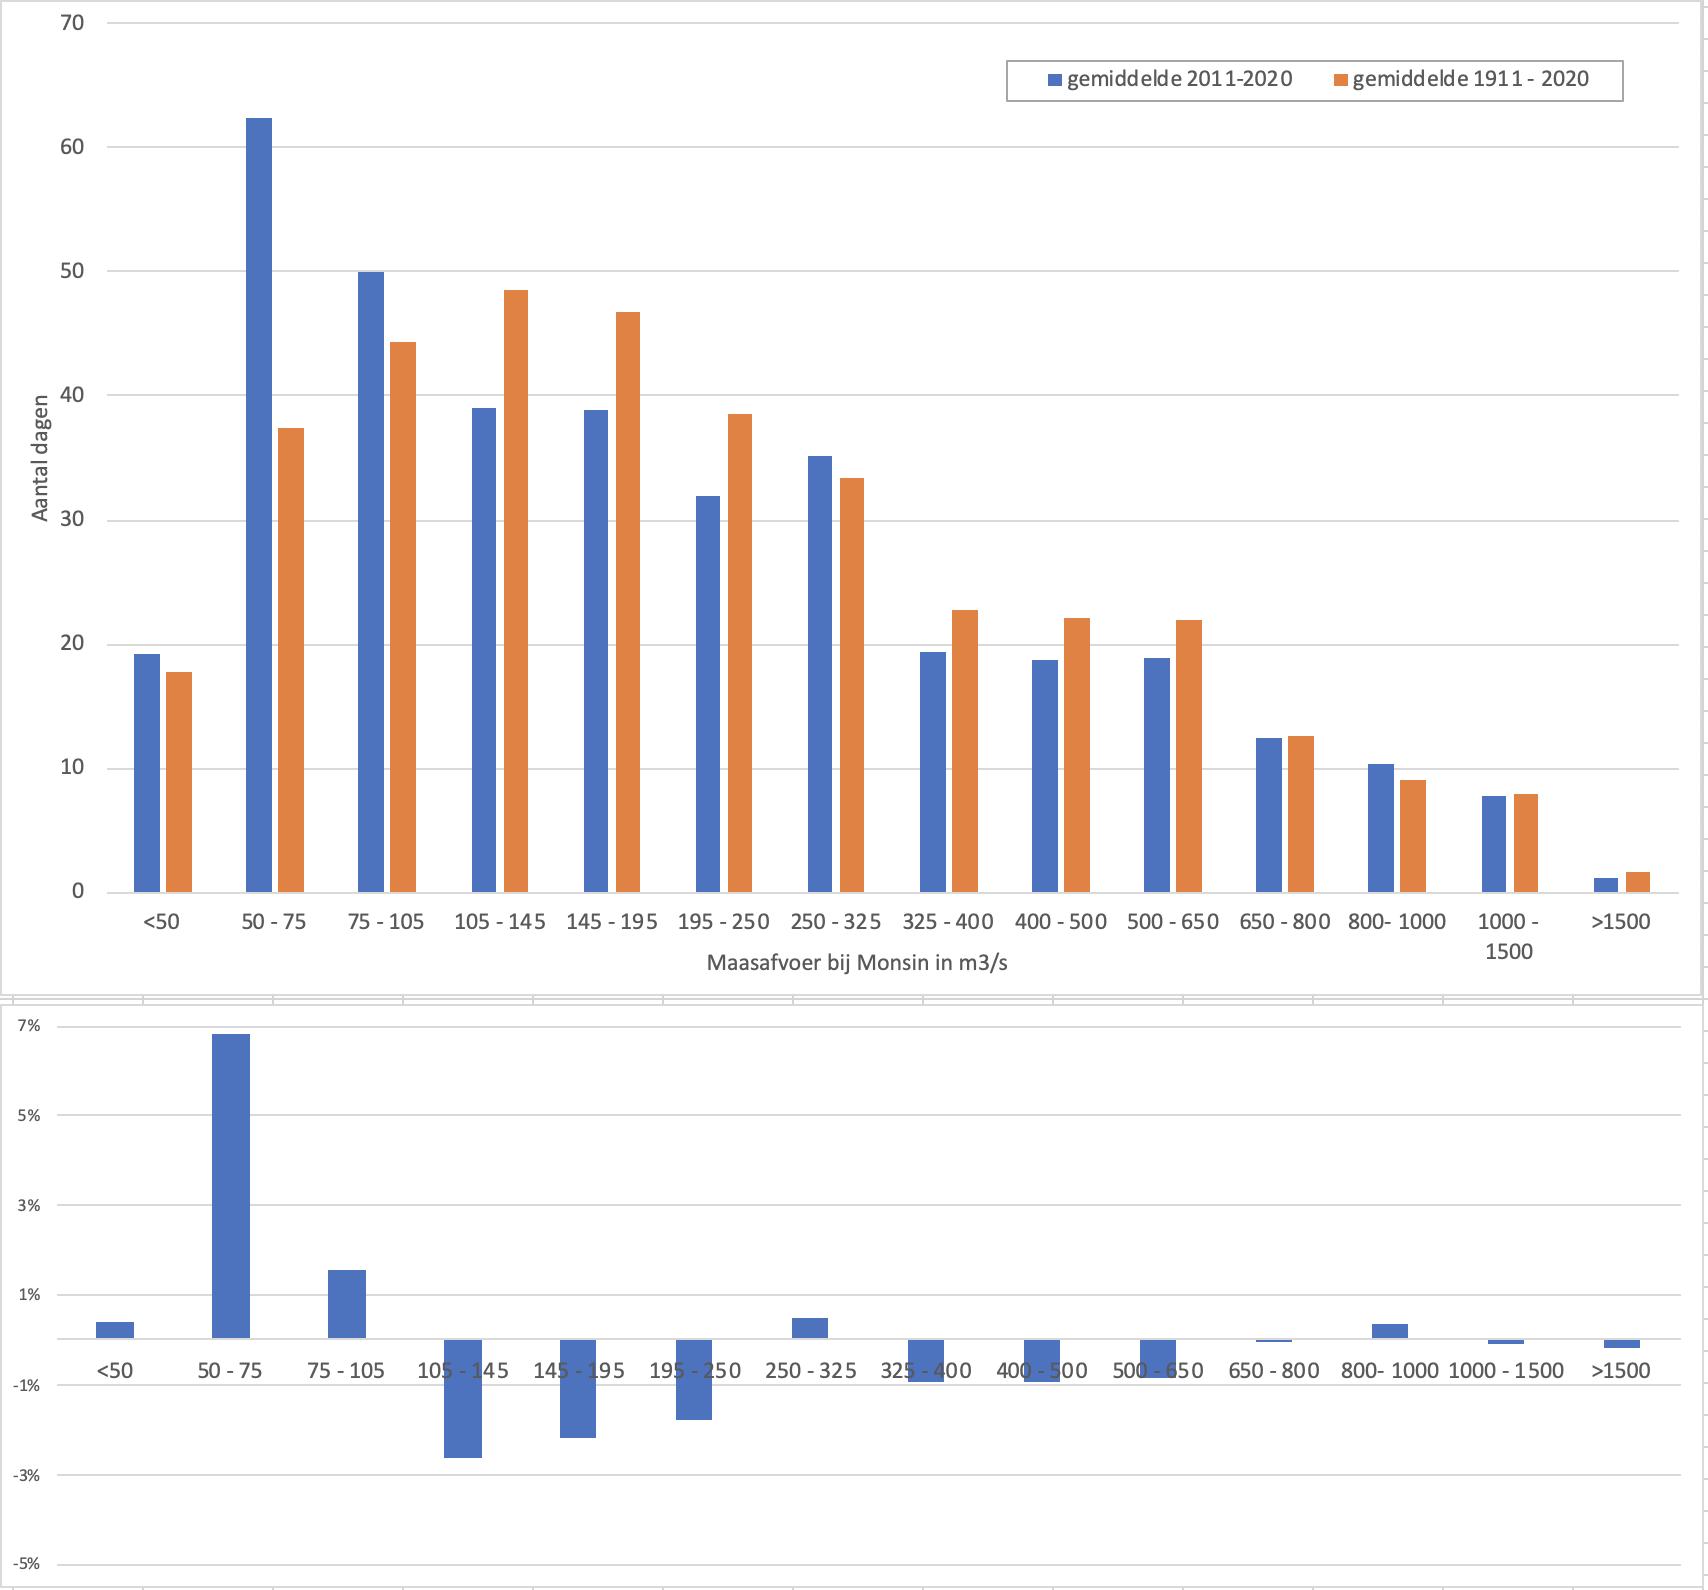 Boven: verdeling van het aantal dagen over verschillende afvoerklassen waarin het huidige decennium (in blauw) wordt vergeleken met het langjarig gemiddelde (in oranje). Onder: de toe- en afname in procenten. van periode 2011-2020 tov het gemiddelde